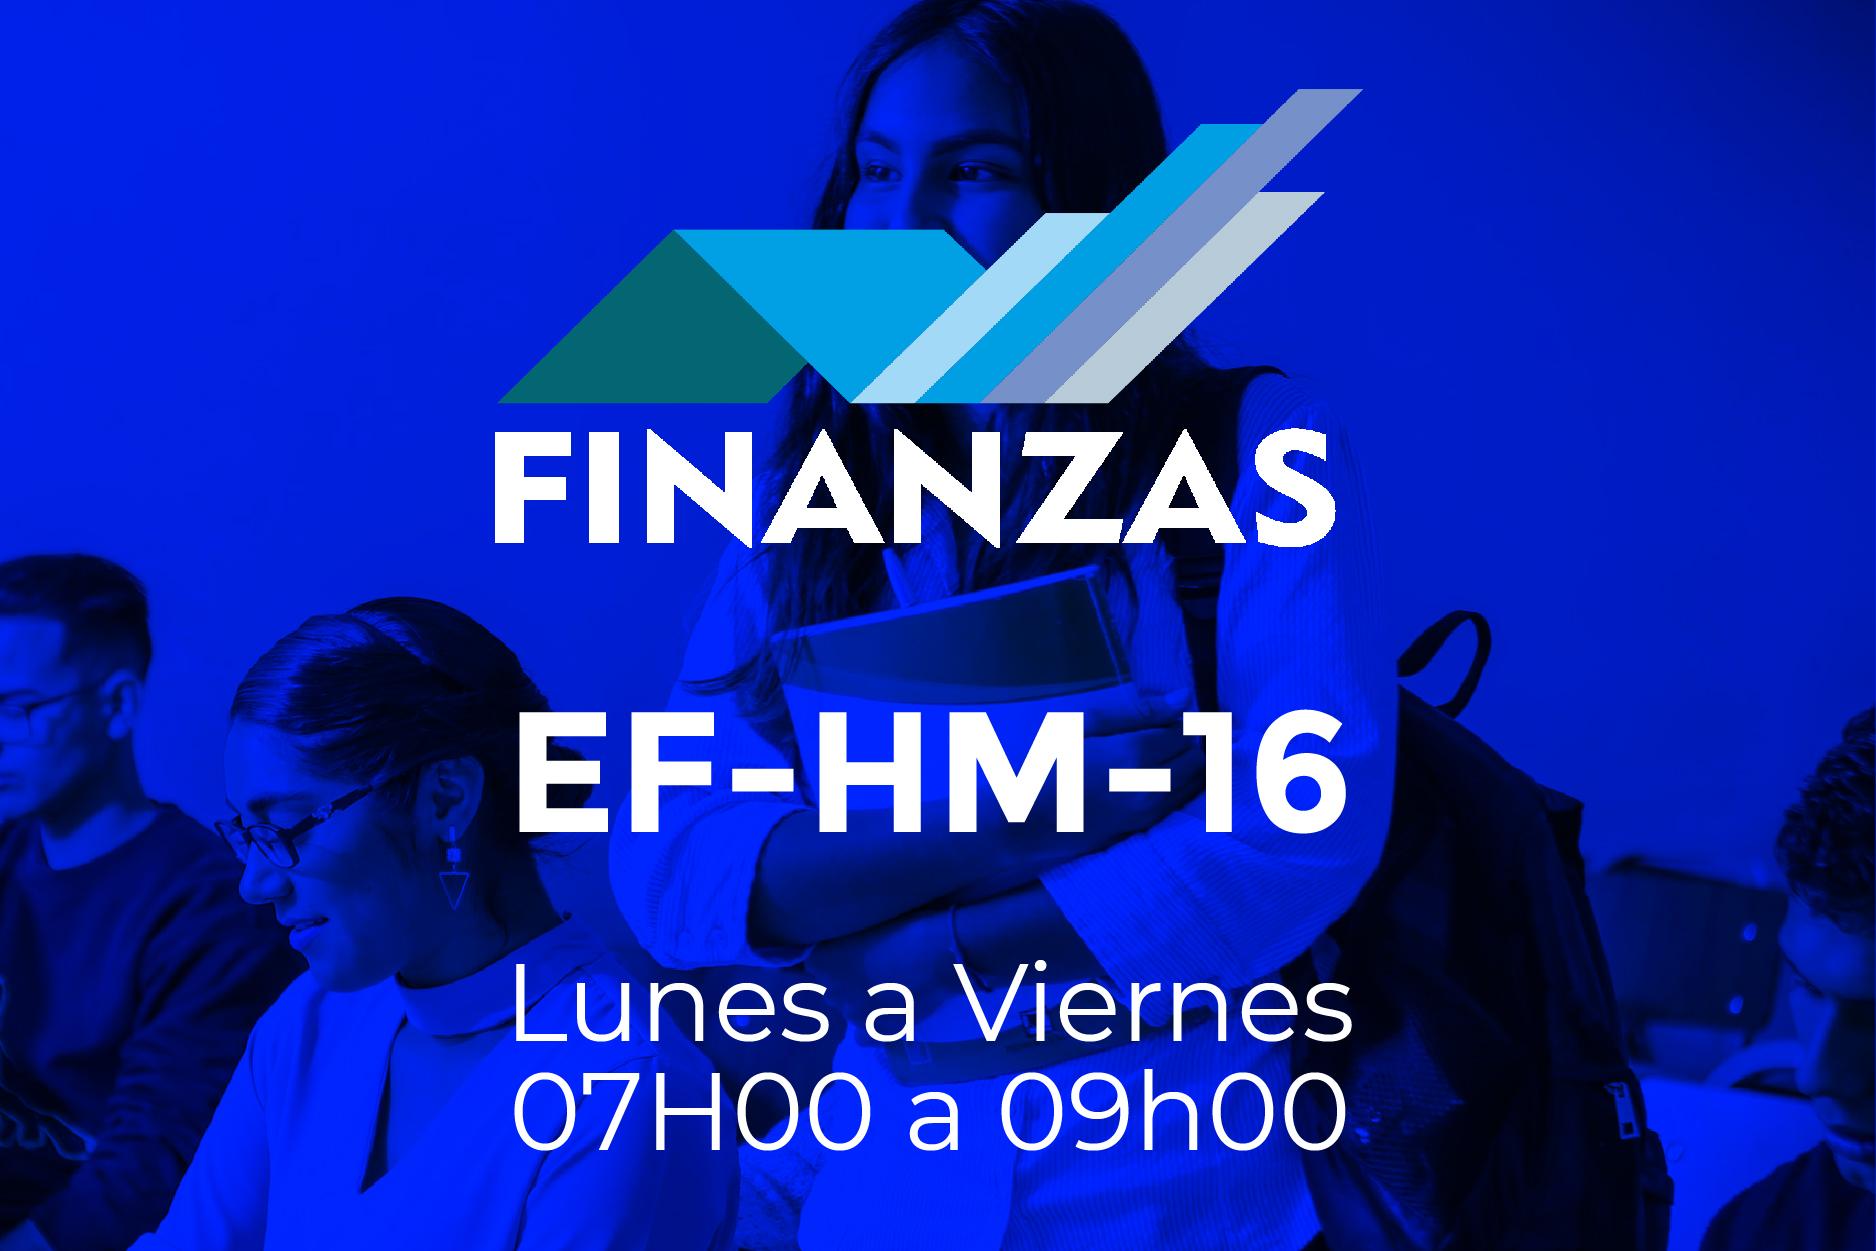 16 - FINANZAS - LUNES A VIERNES - 07:00 A 09:00